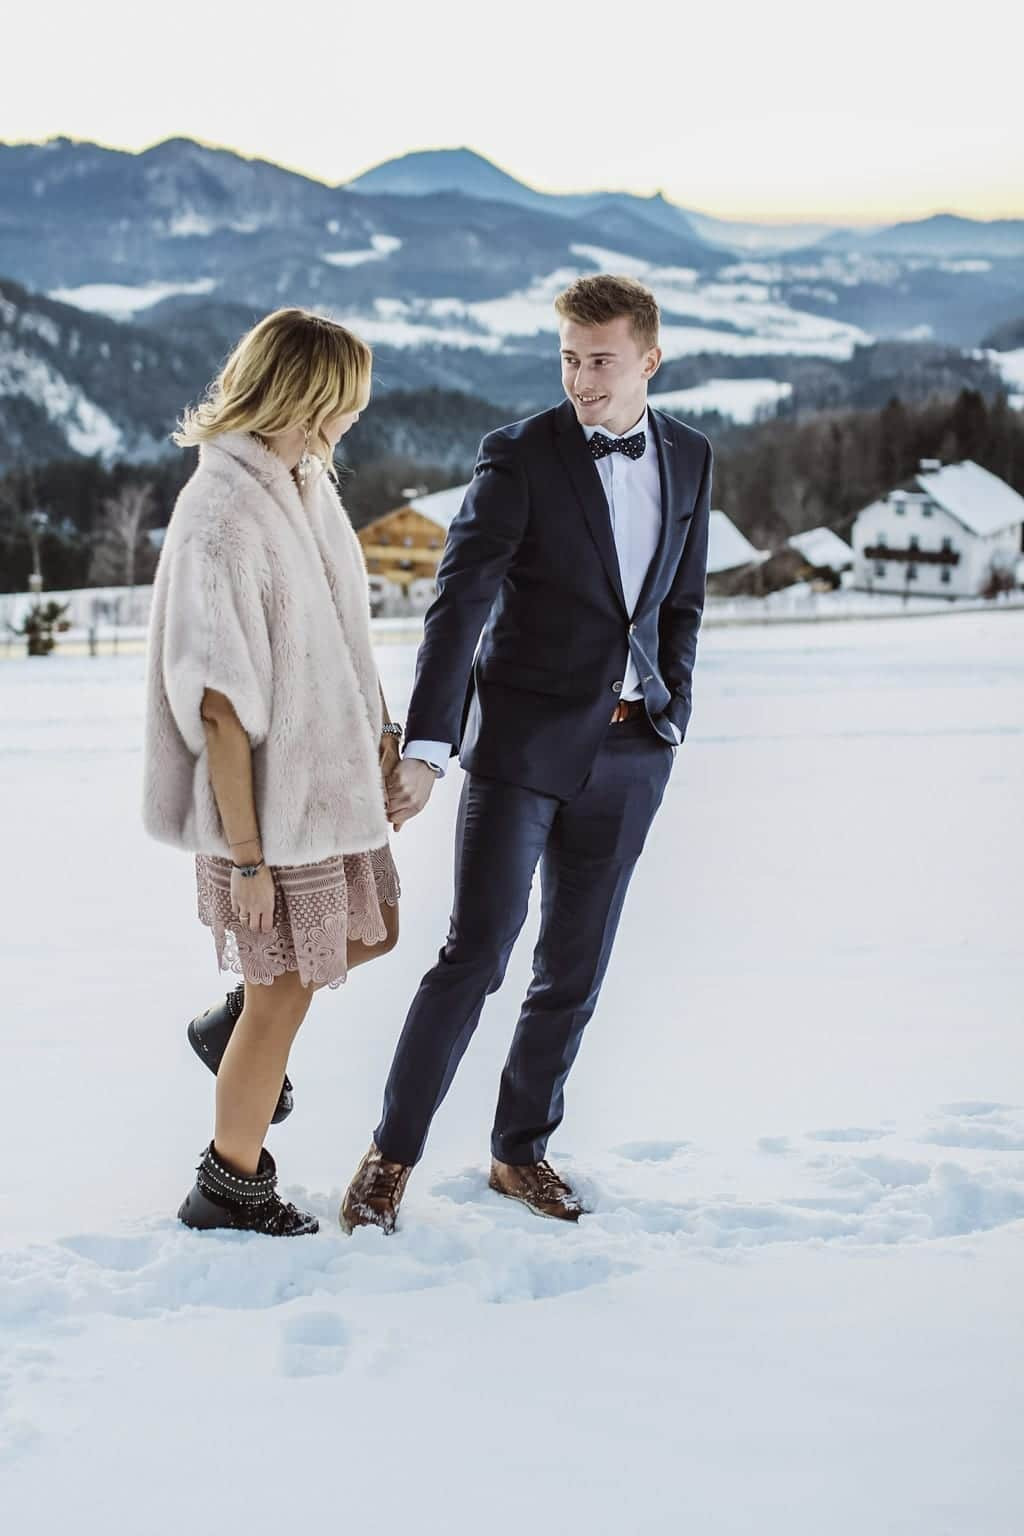 Karin Kaswurm und Georg Teigl im Schnee